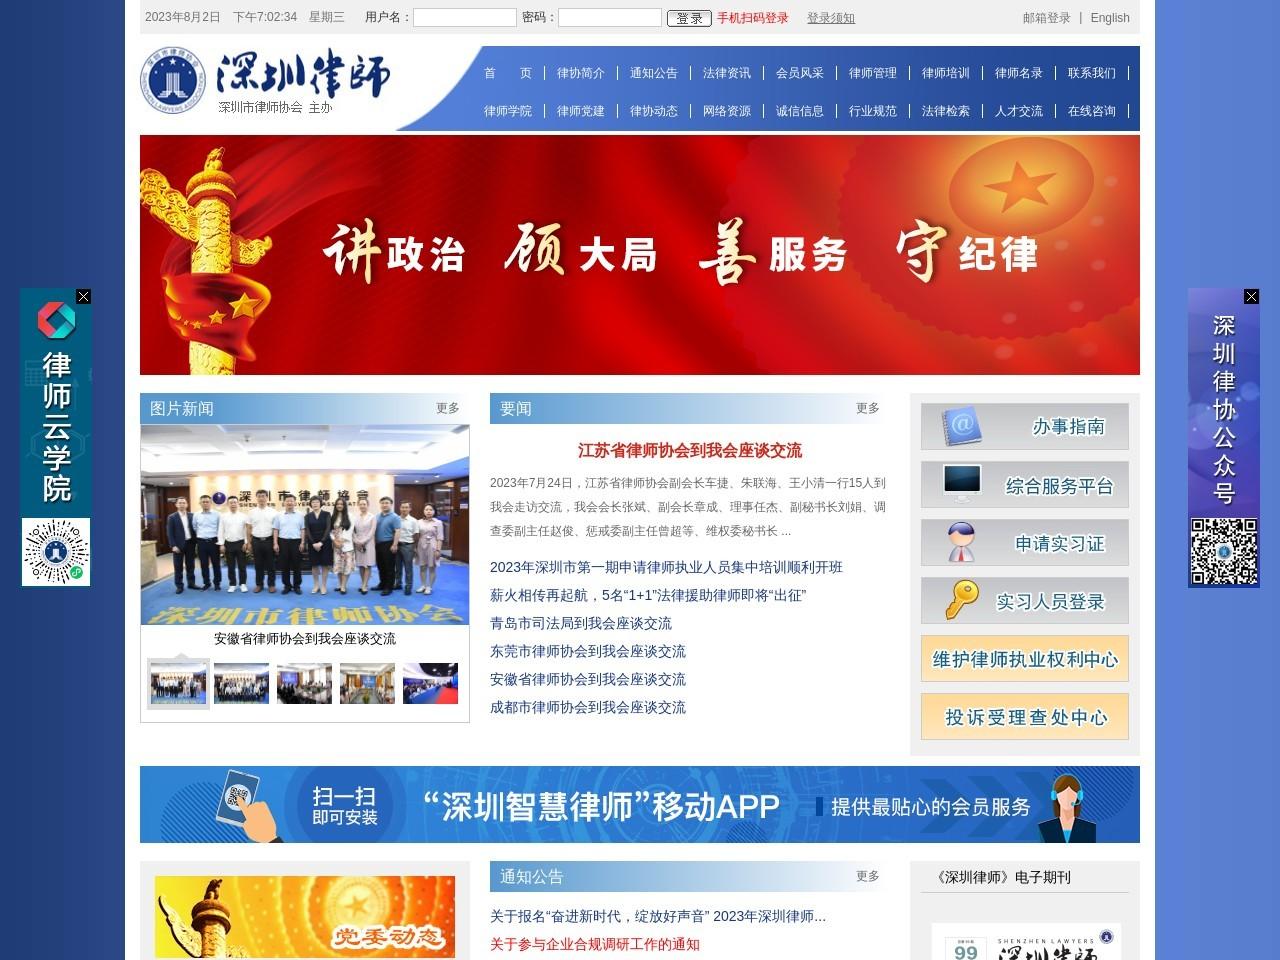 深圳市律师协会官方网站截图